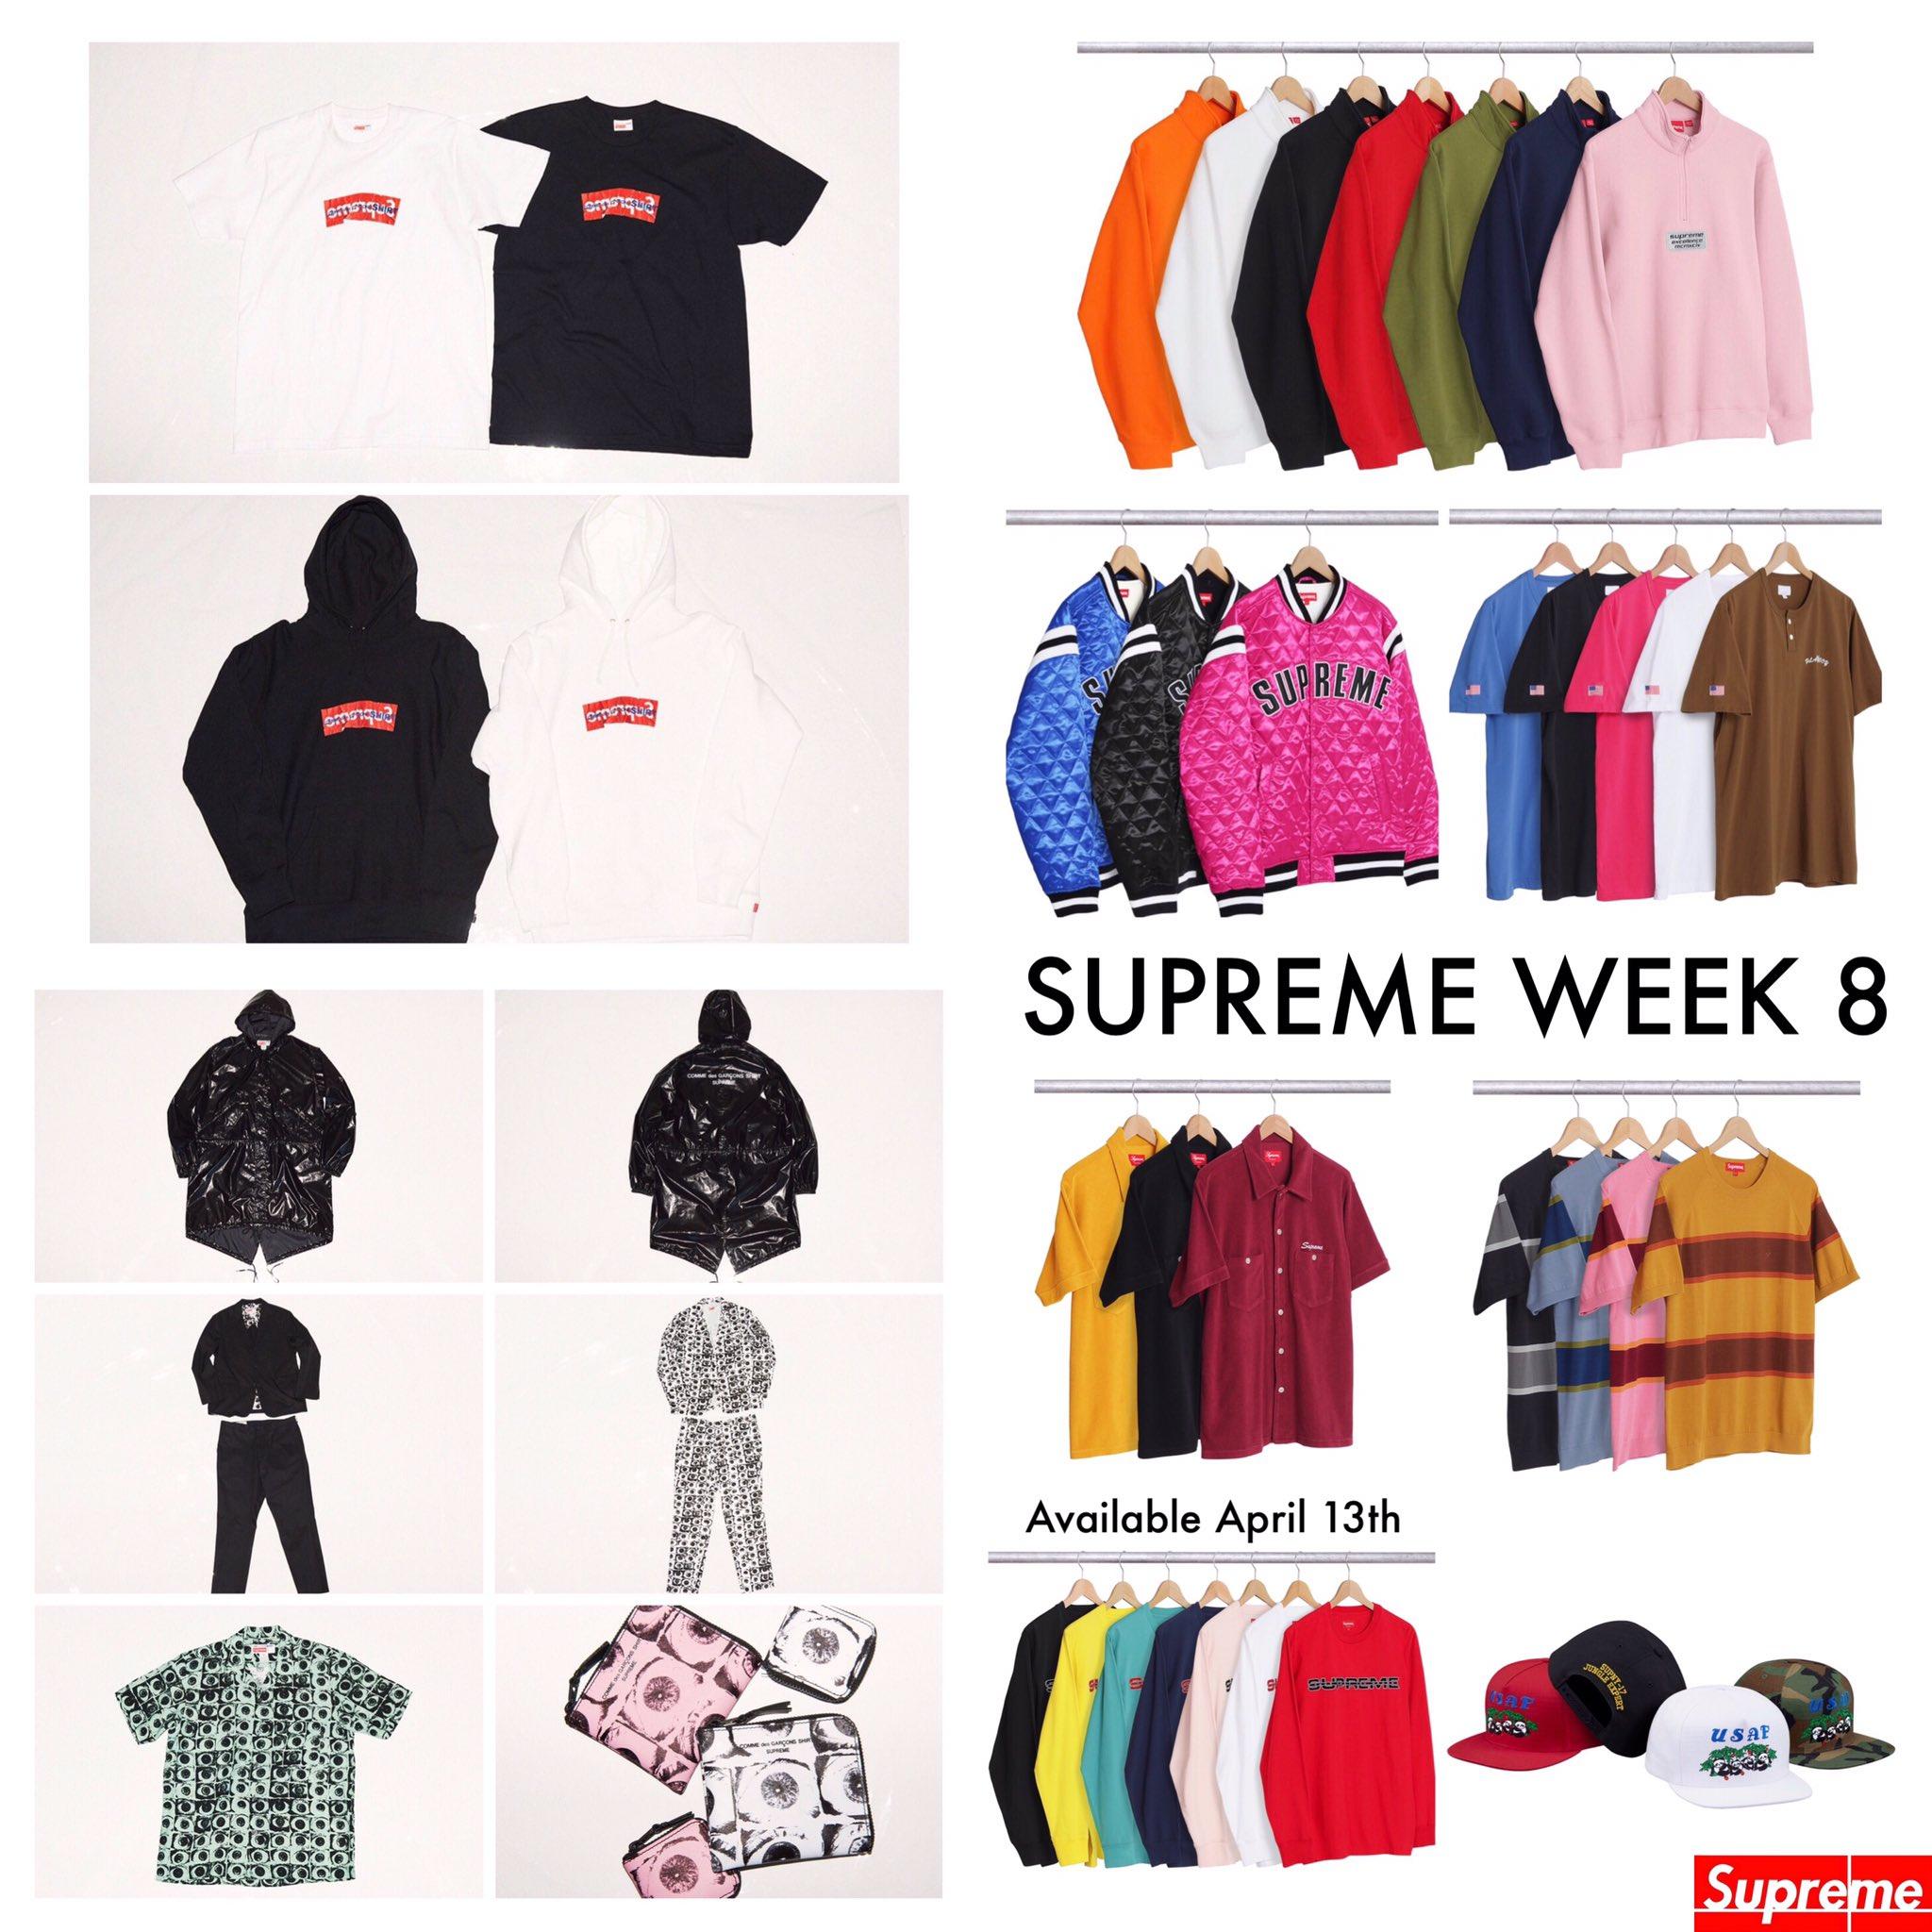 Supreme Week 8